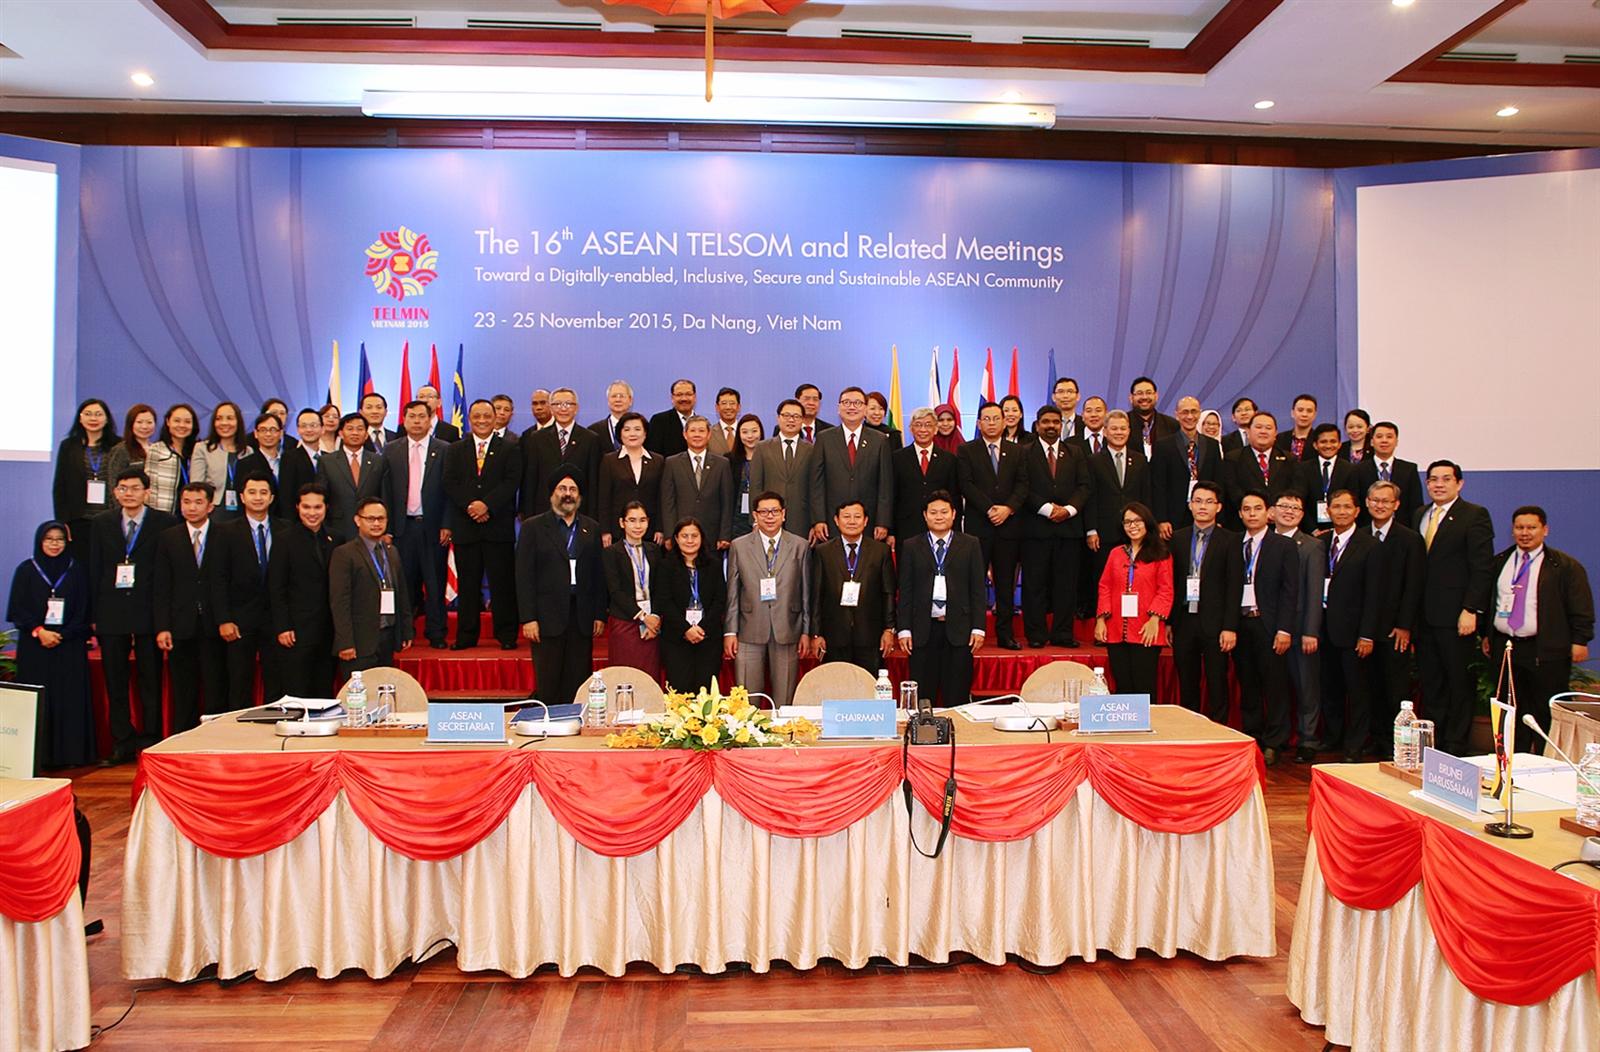 Hội nghị Bộ trưởng Viễn thông và Công nghệ thông tin ASEAN 2015 (TELMIN 15)